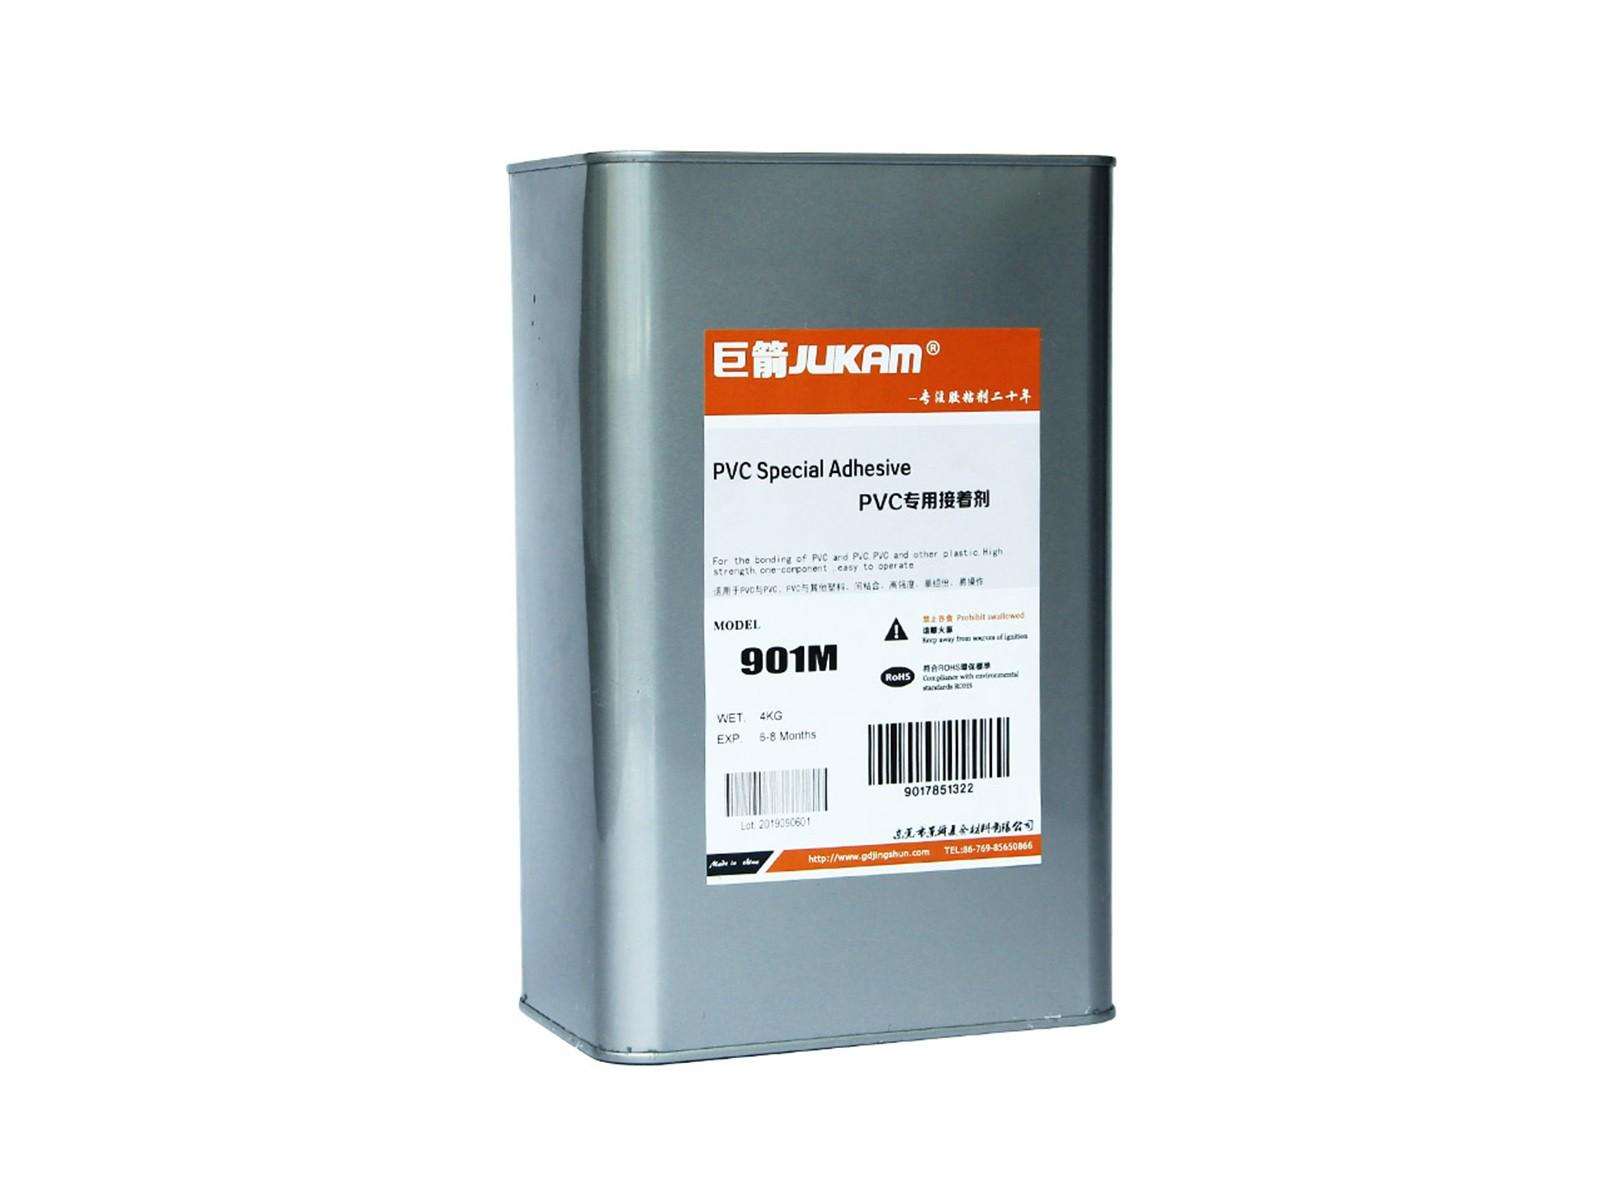 软PVC专用胶水-901M